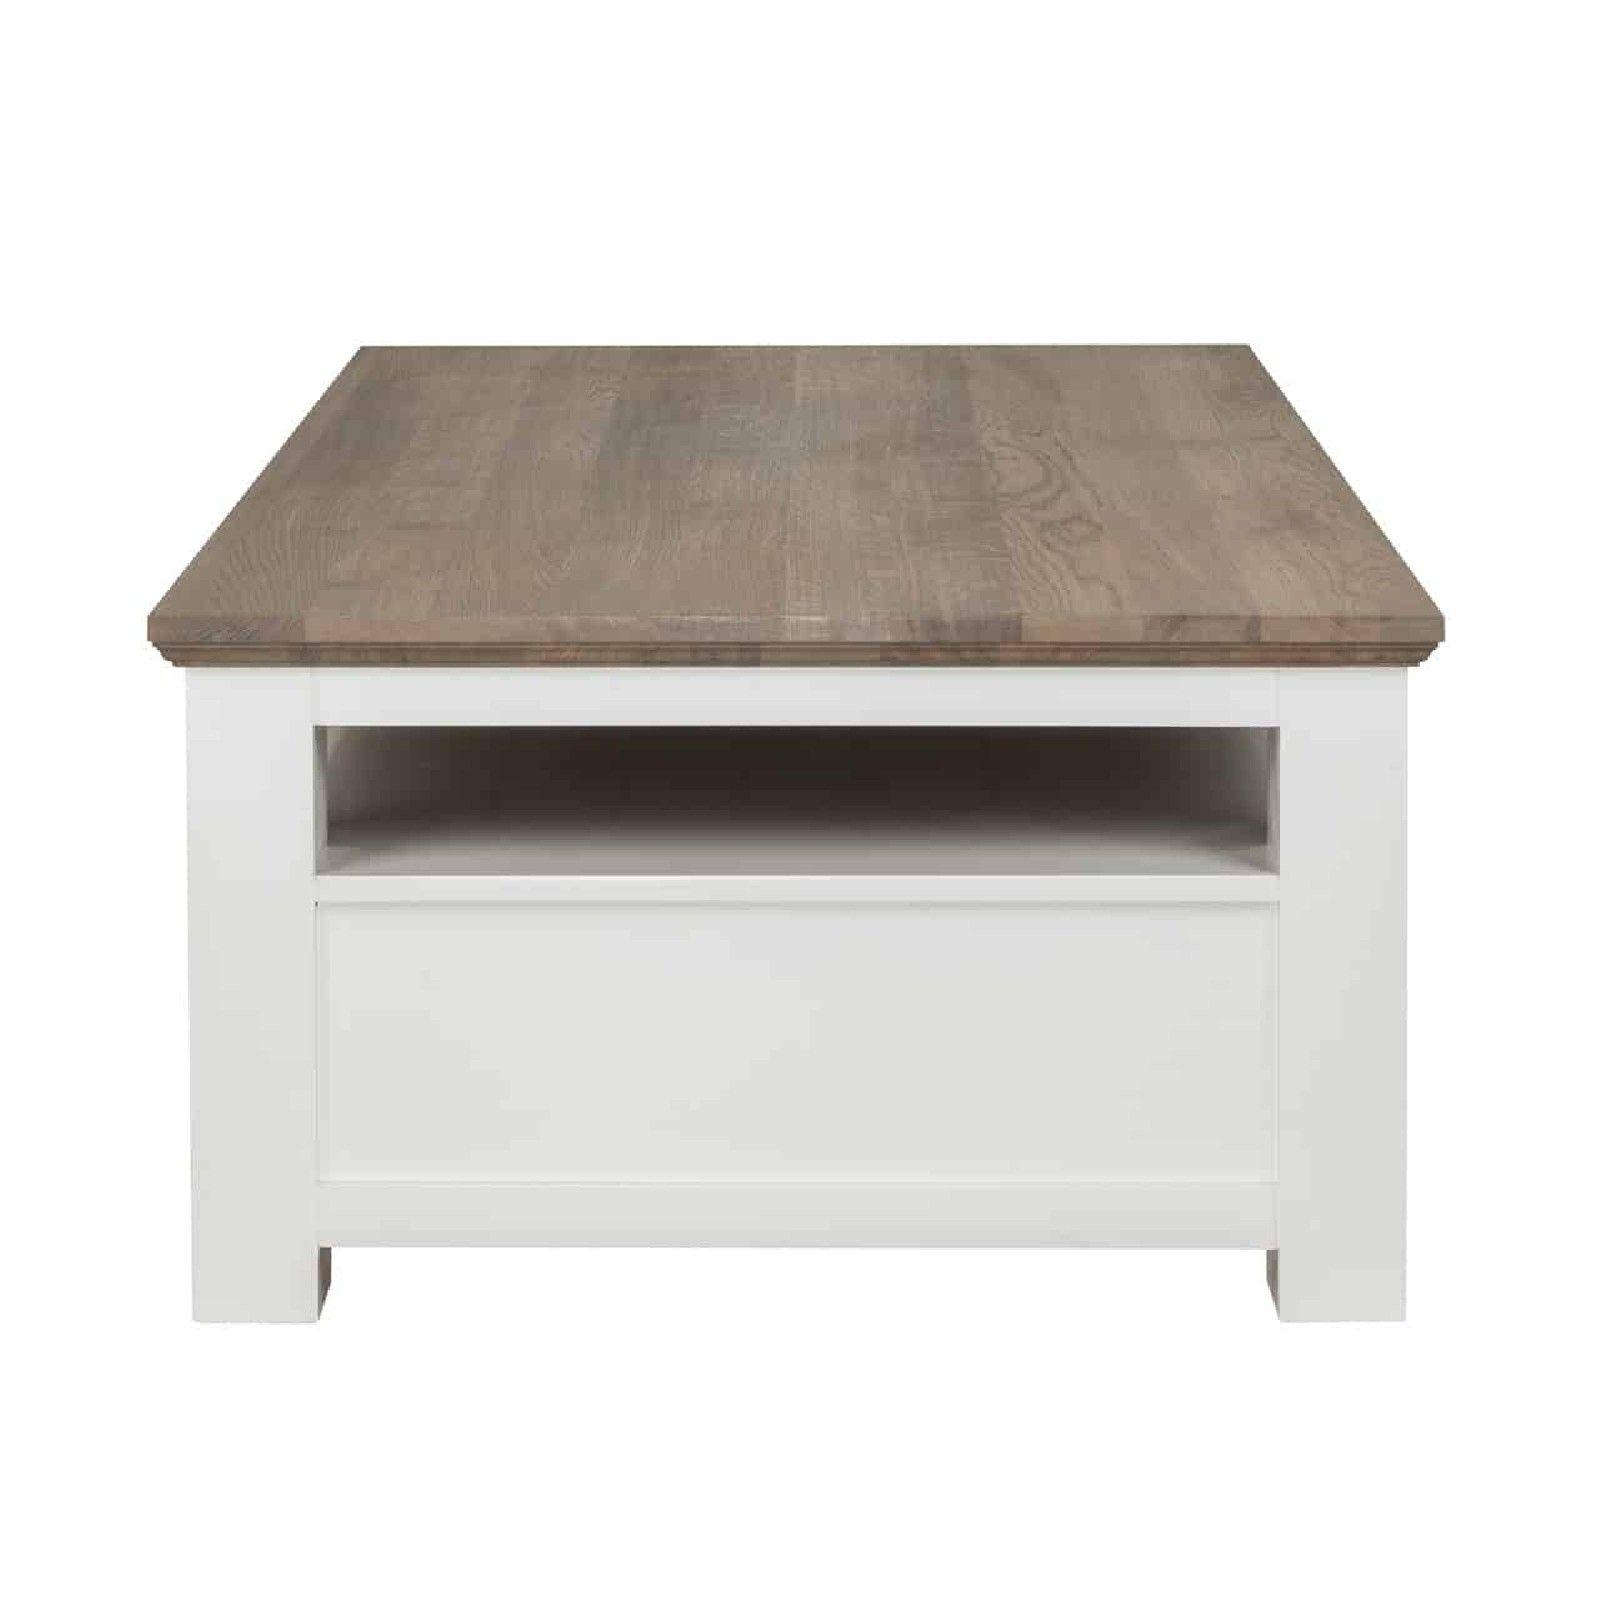 Table de salon Cardiff Tables basses rectangulaires - 16